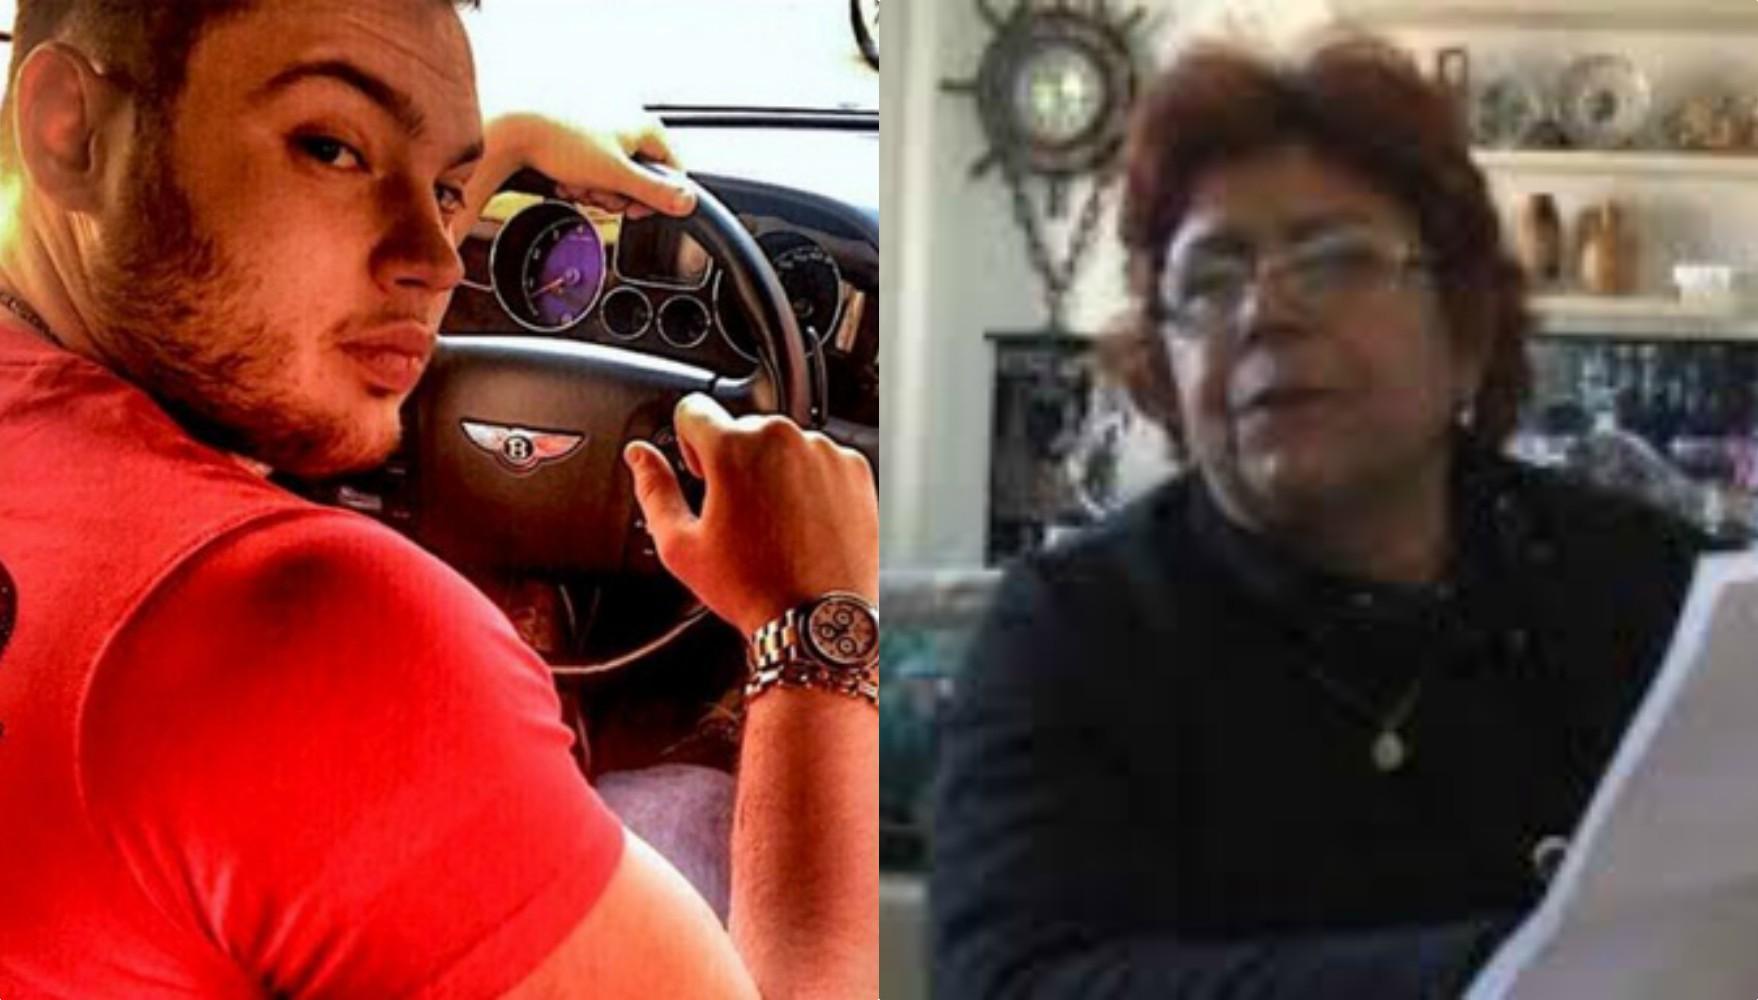 Vrasja e Jurgen Kurtit/ Vjollca Arapi: Keqardhje edhe pse më vrau burrin